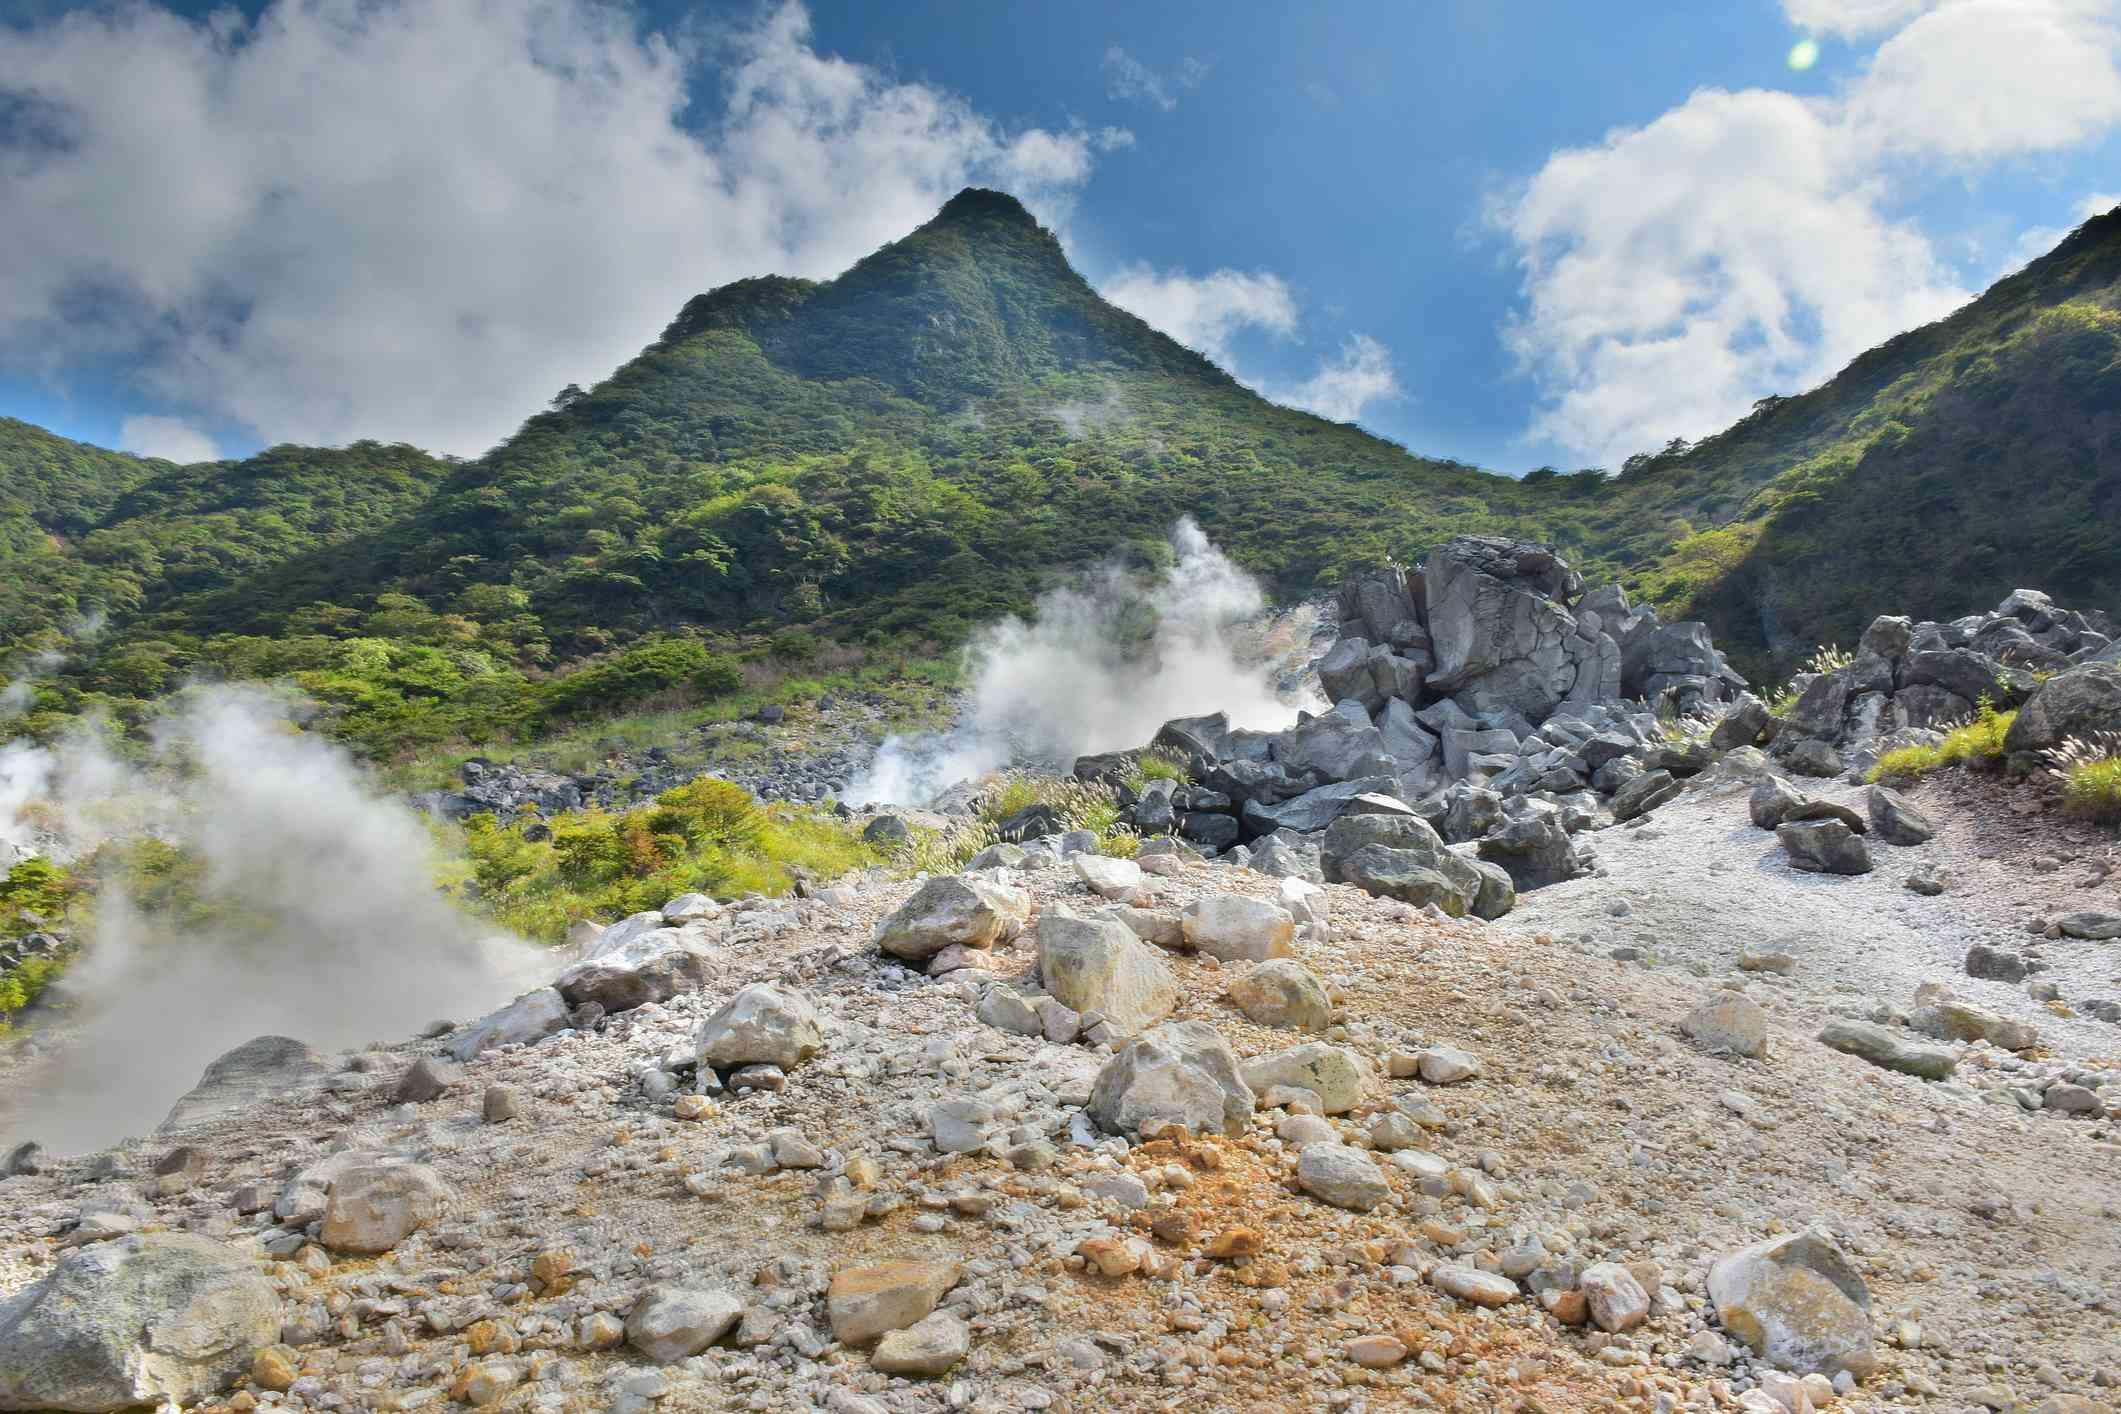 Hot spring vents at Owakudani valley at Hakone, Japan